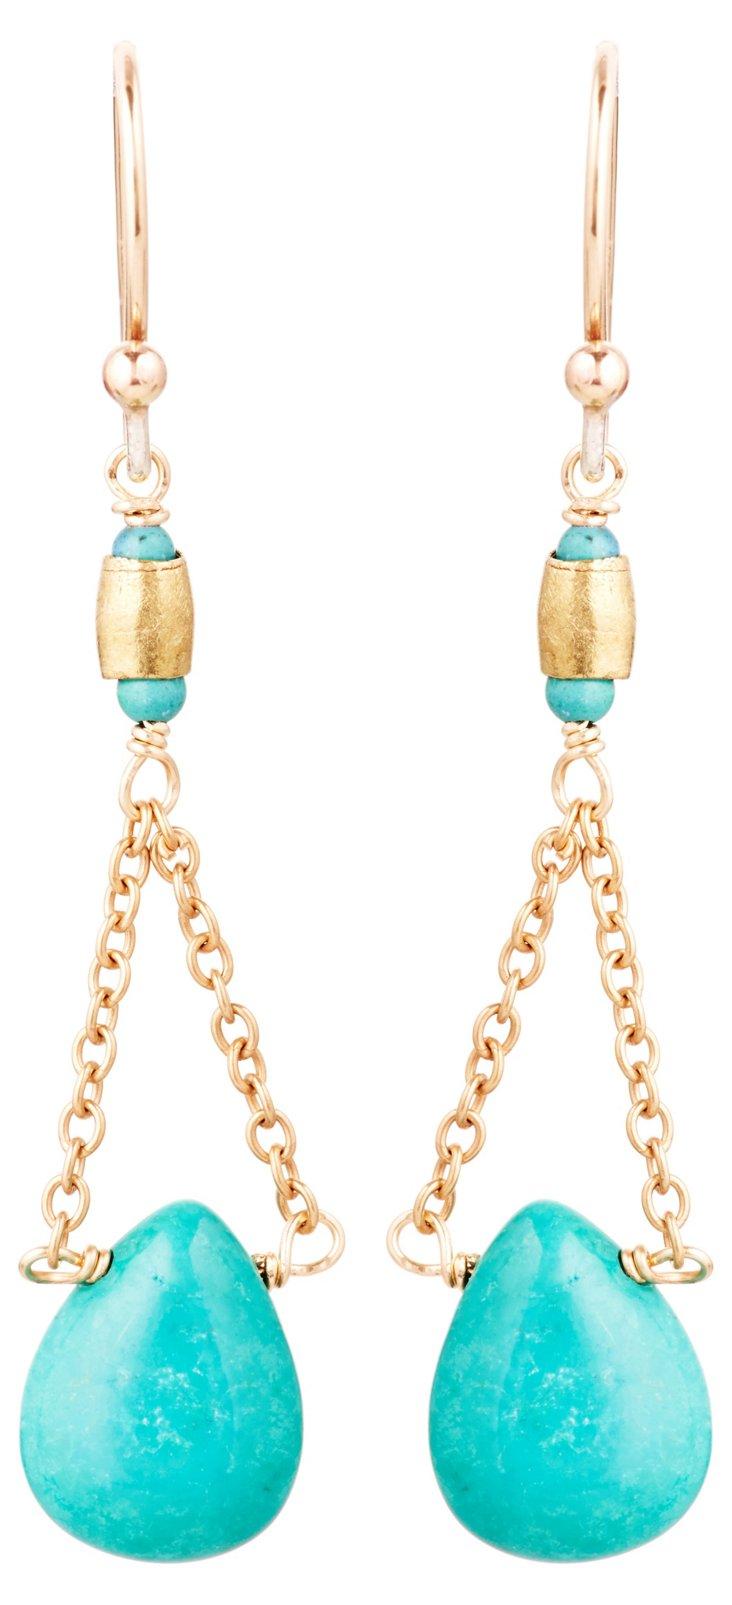 Turquoise Drop & Swing Earrings